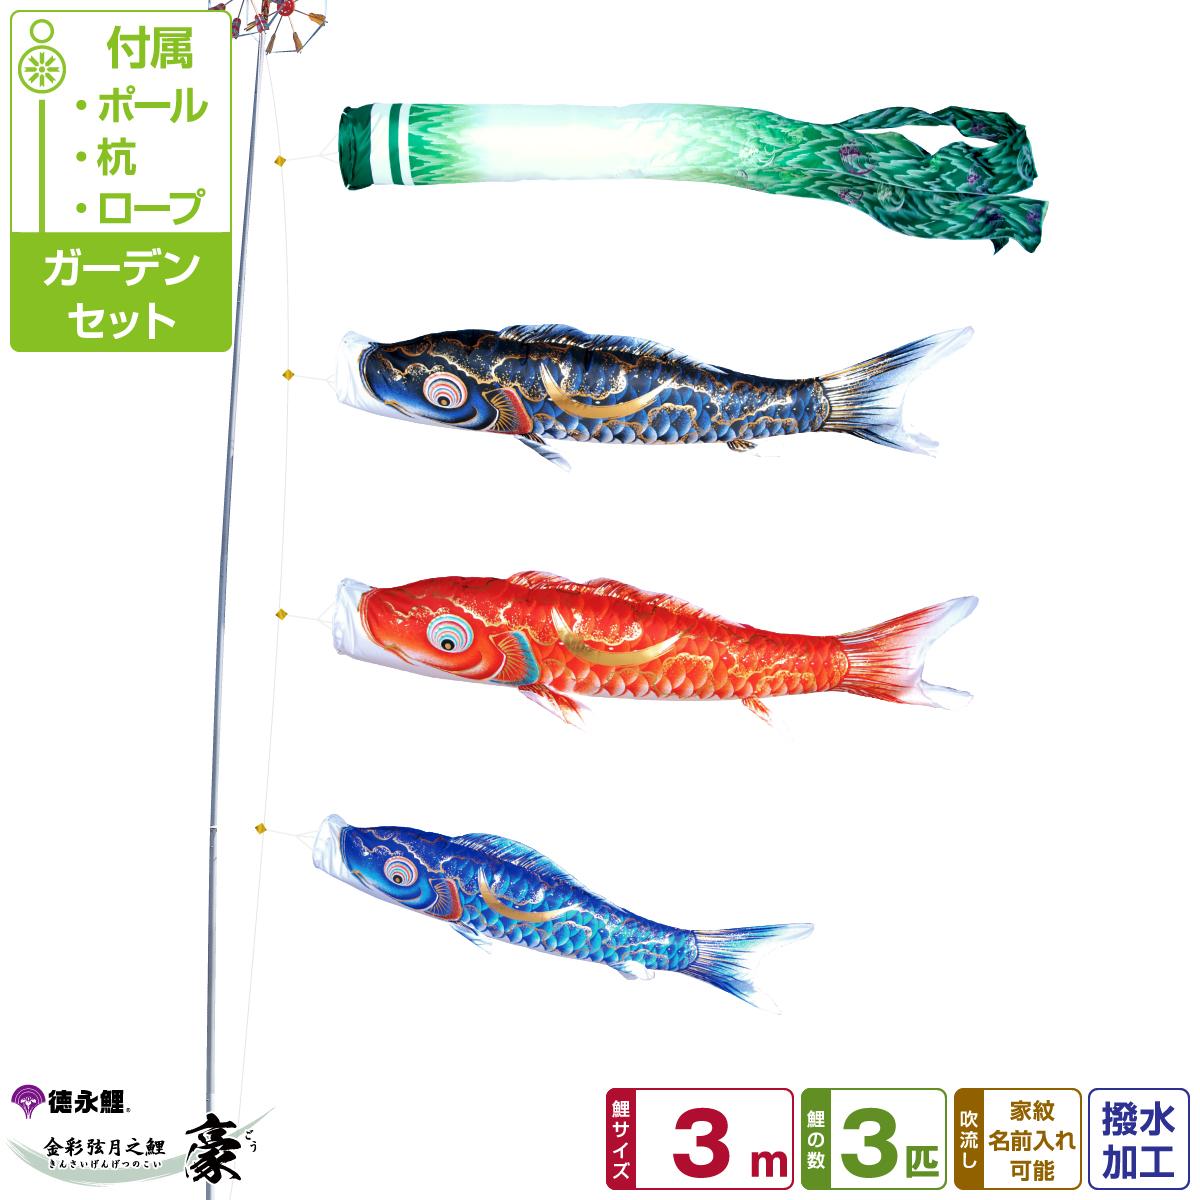 徳永鯉のぼり 豪鯉 3m 6点セット ガーデンセット 2019年初節句 端午の節句 こどもの日 こいのぼり